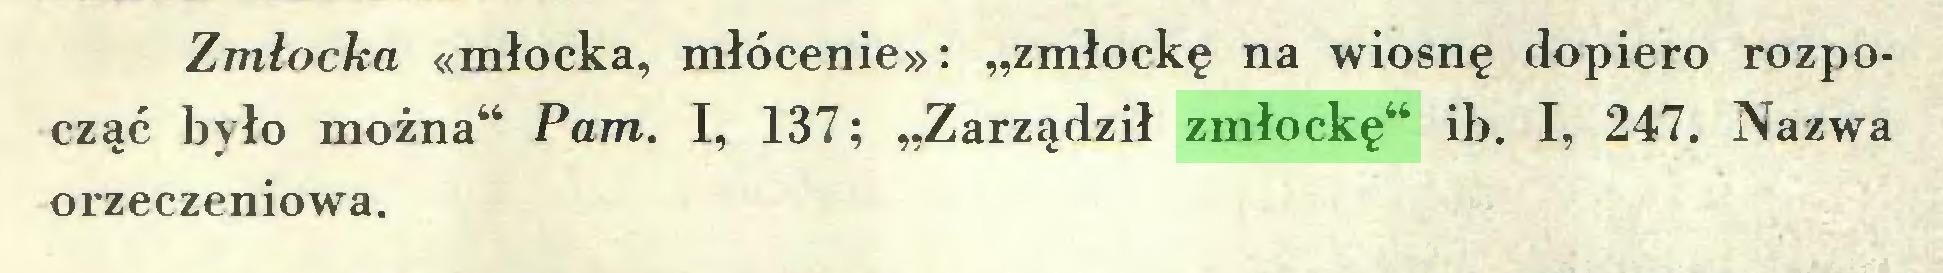 """(...) Zmłocka «młocka, młócenie»: """"zmłockę na wiosnę dopiero rozpocząć było można"""" Pam. I, 137; """"Zarządził zmłockę"""" ib. I, 247. Nazwa orzeczeniowa..."""